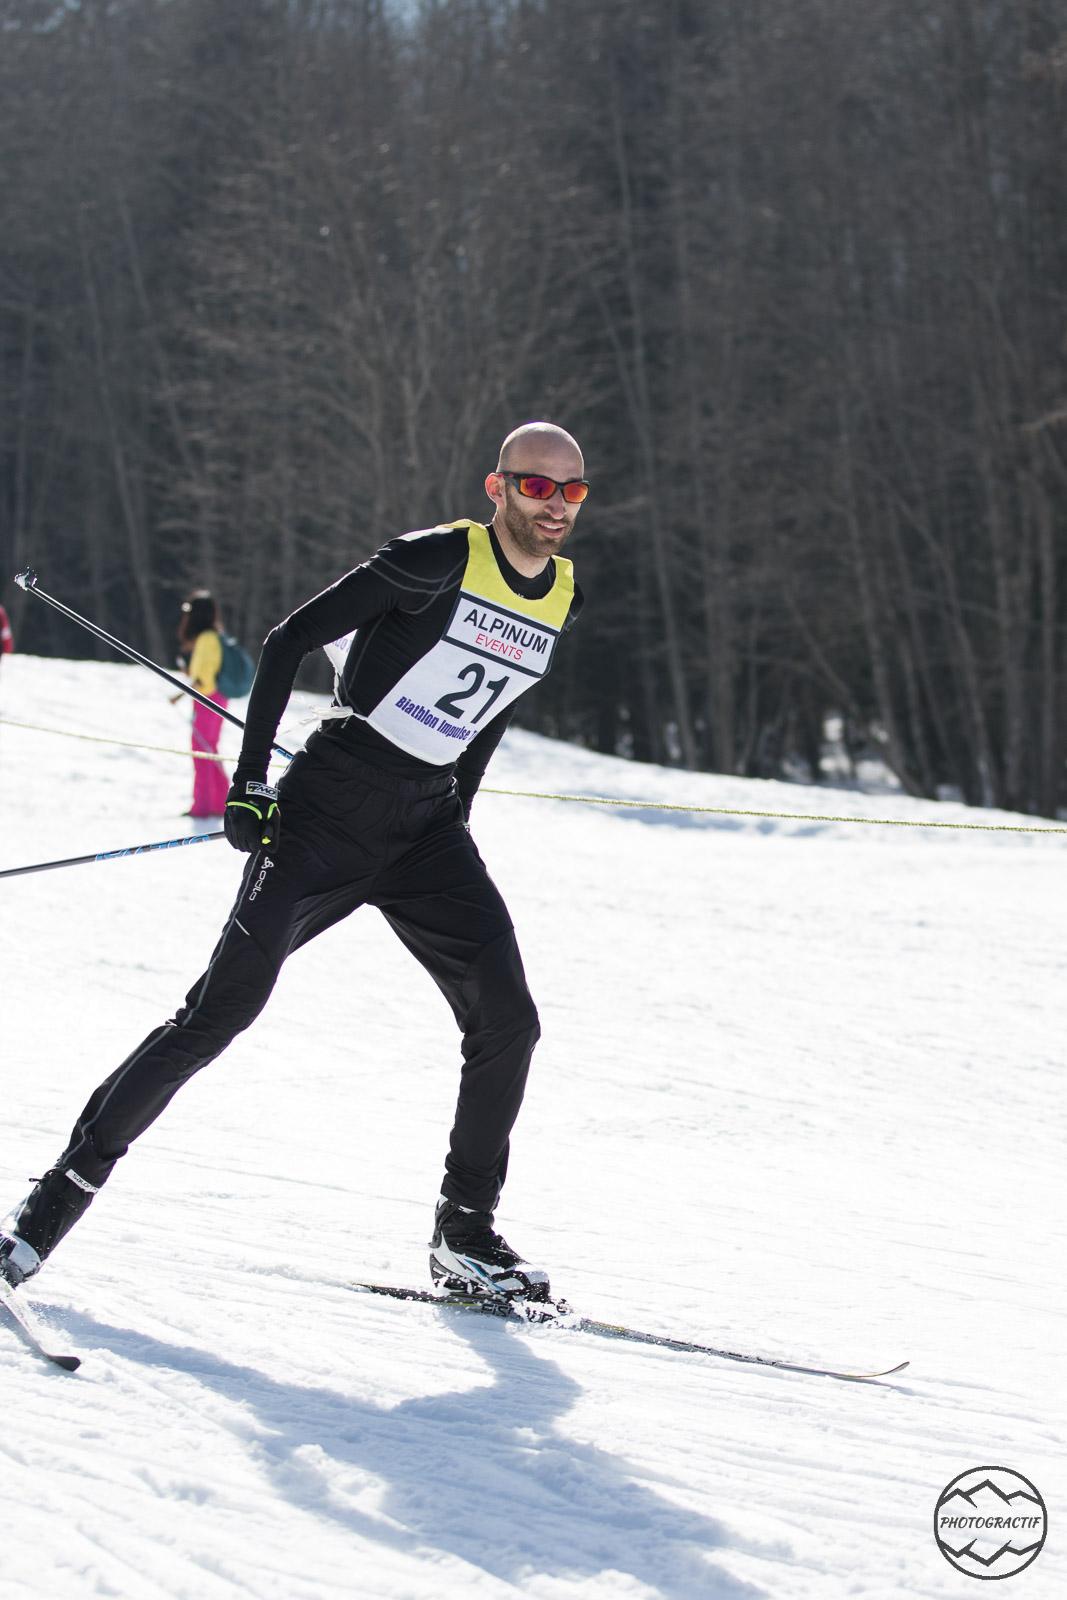 Biathlon Alpinum Les Contamines 2019 (62)